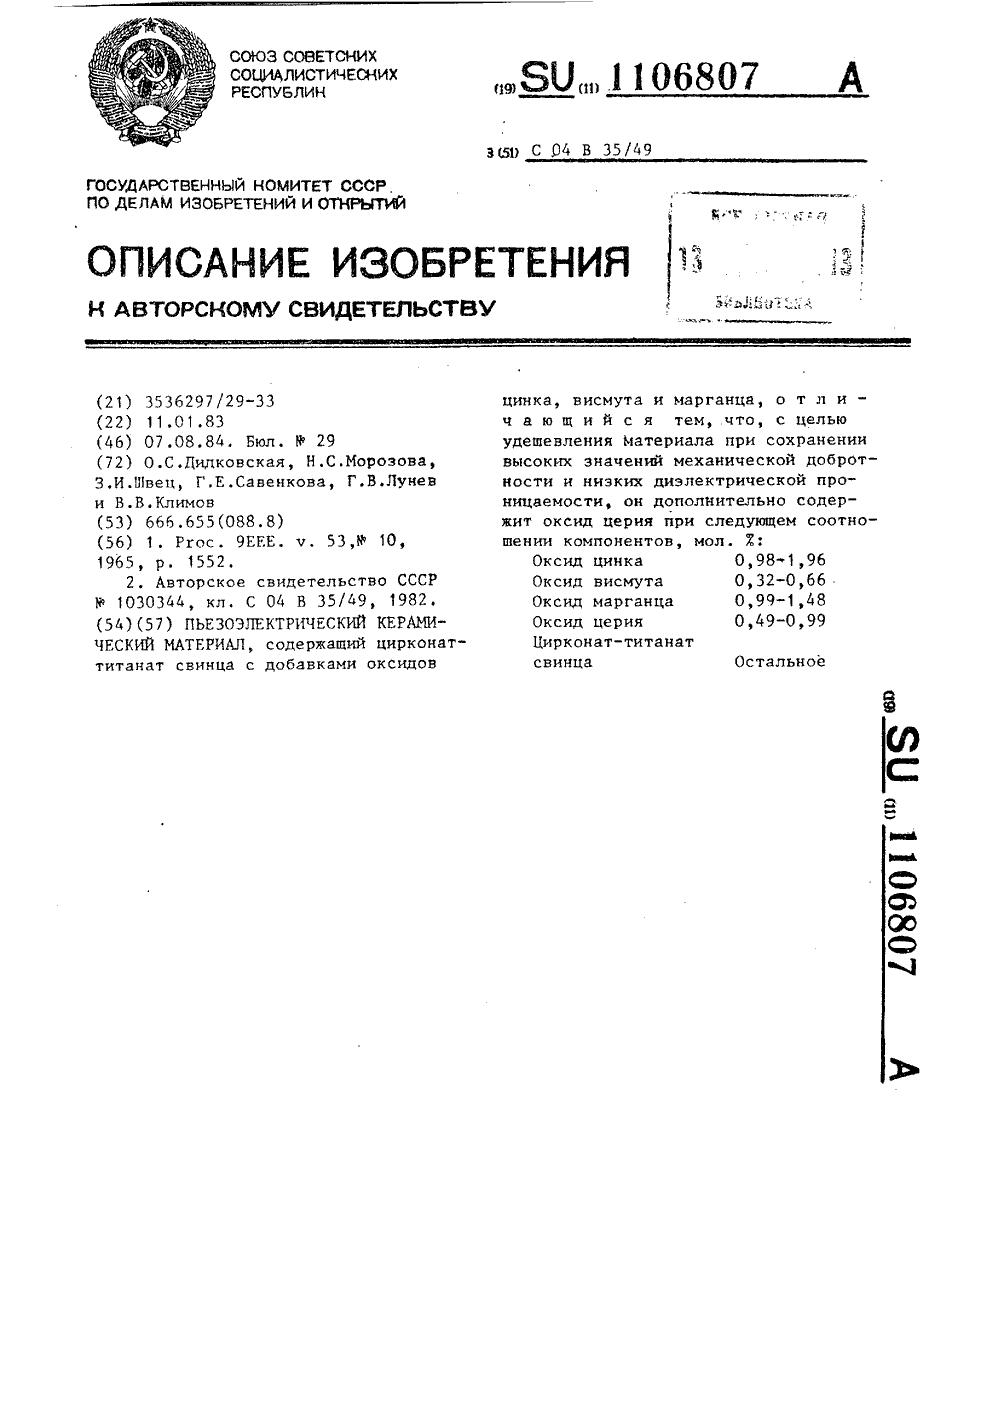 схема счётчика ц 6807 бк